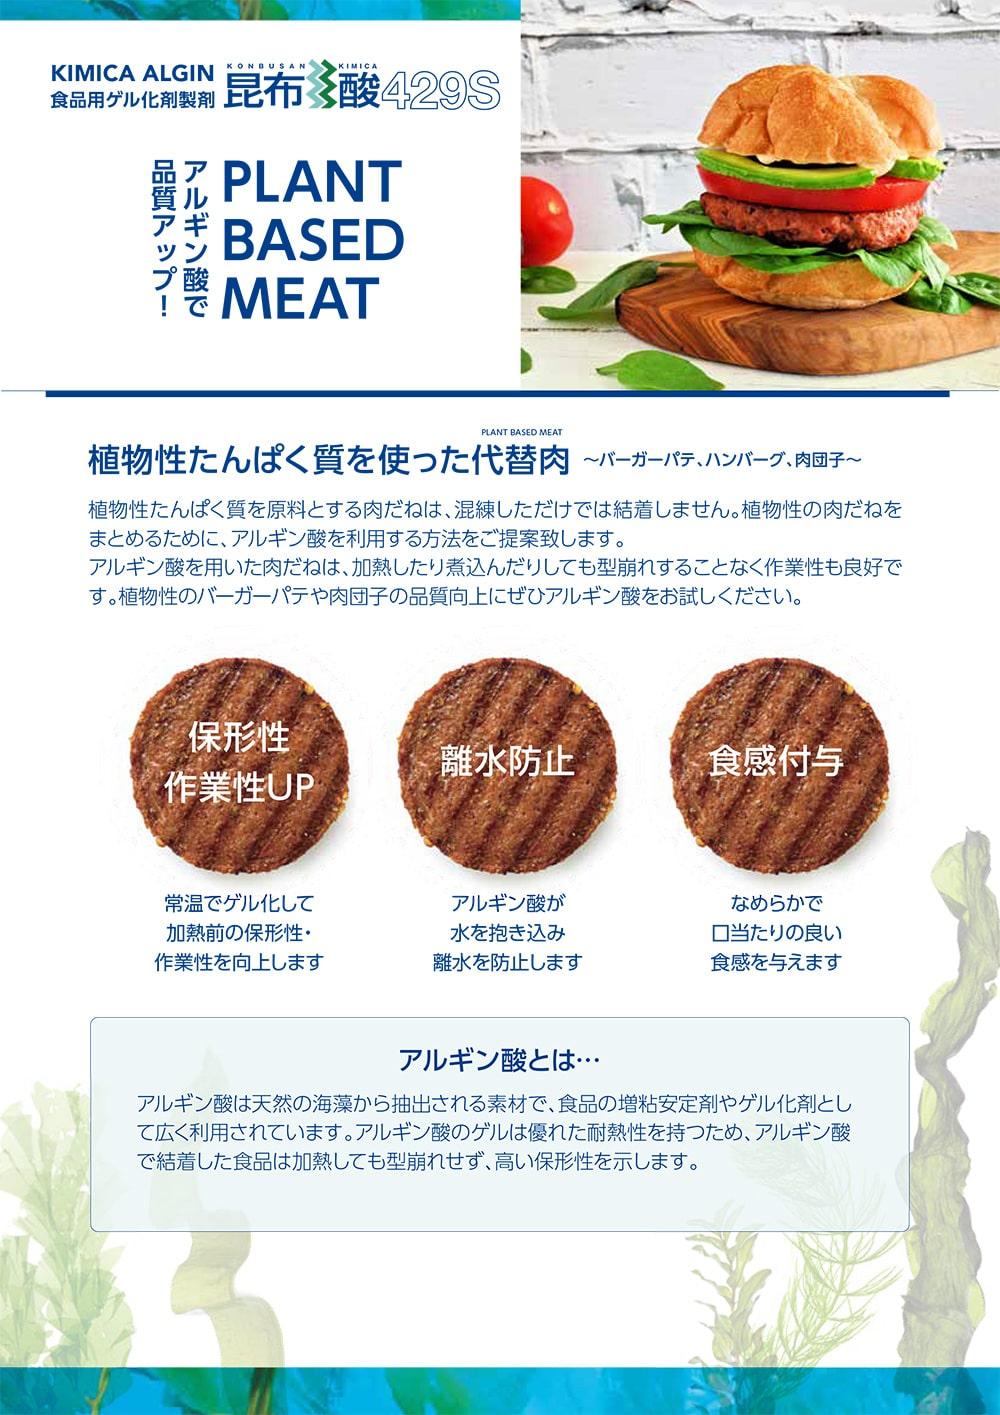 プラントベースミート(植物性代替肉)